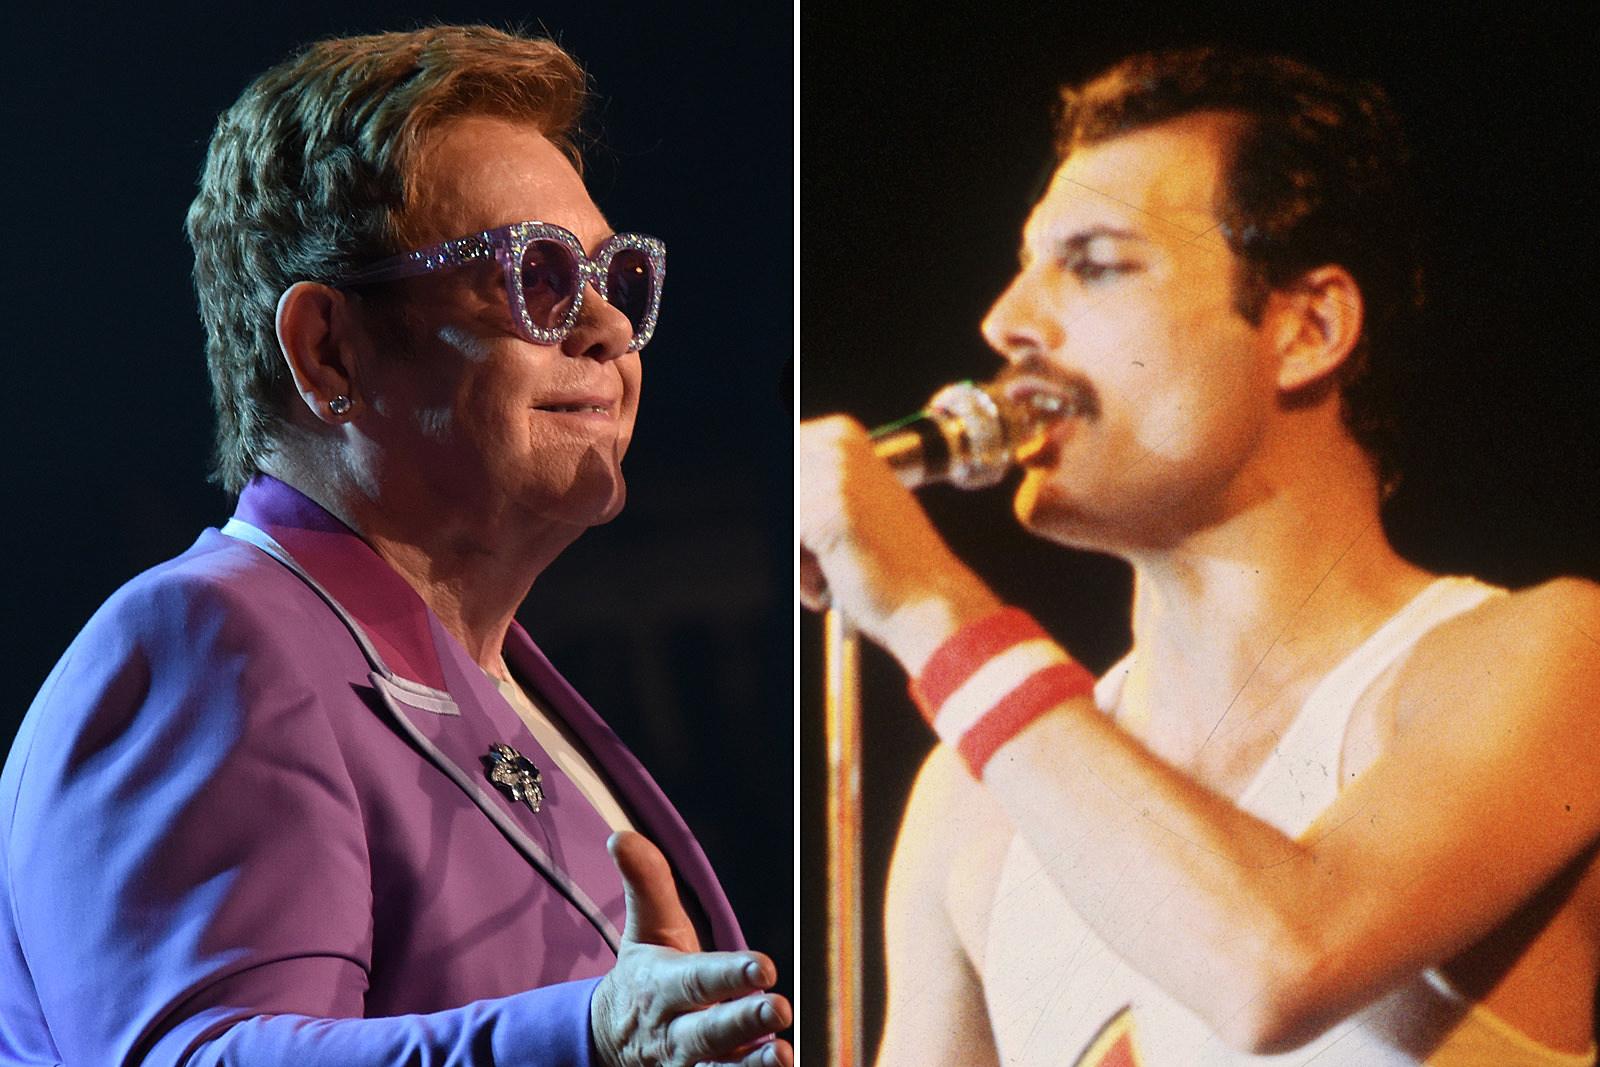 How Freddie Mercury Teased Elton John Backstage at Live Aid